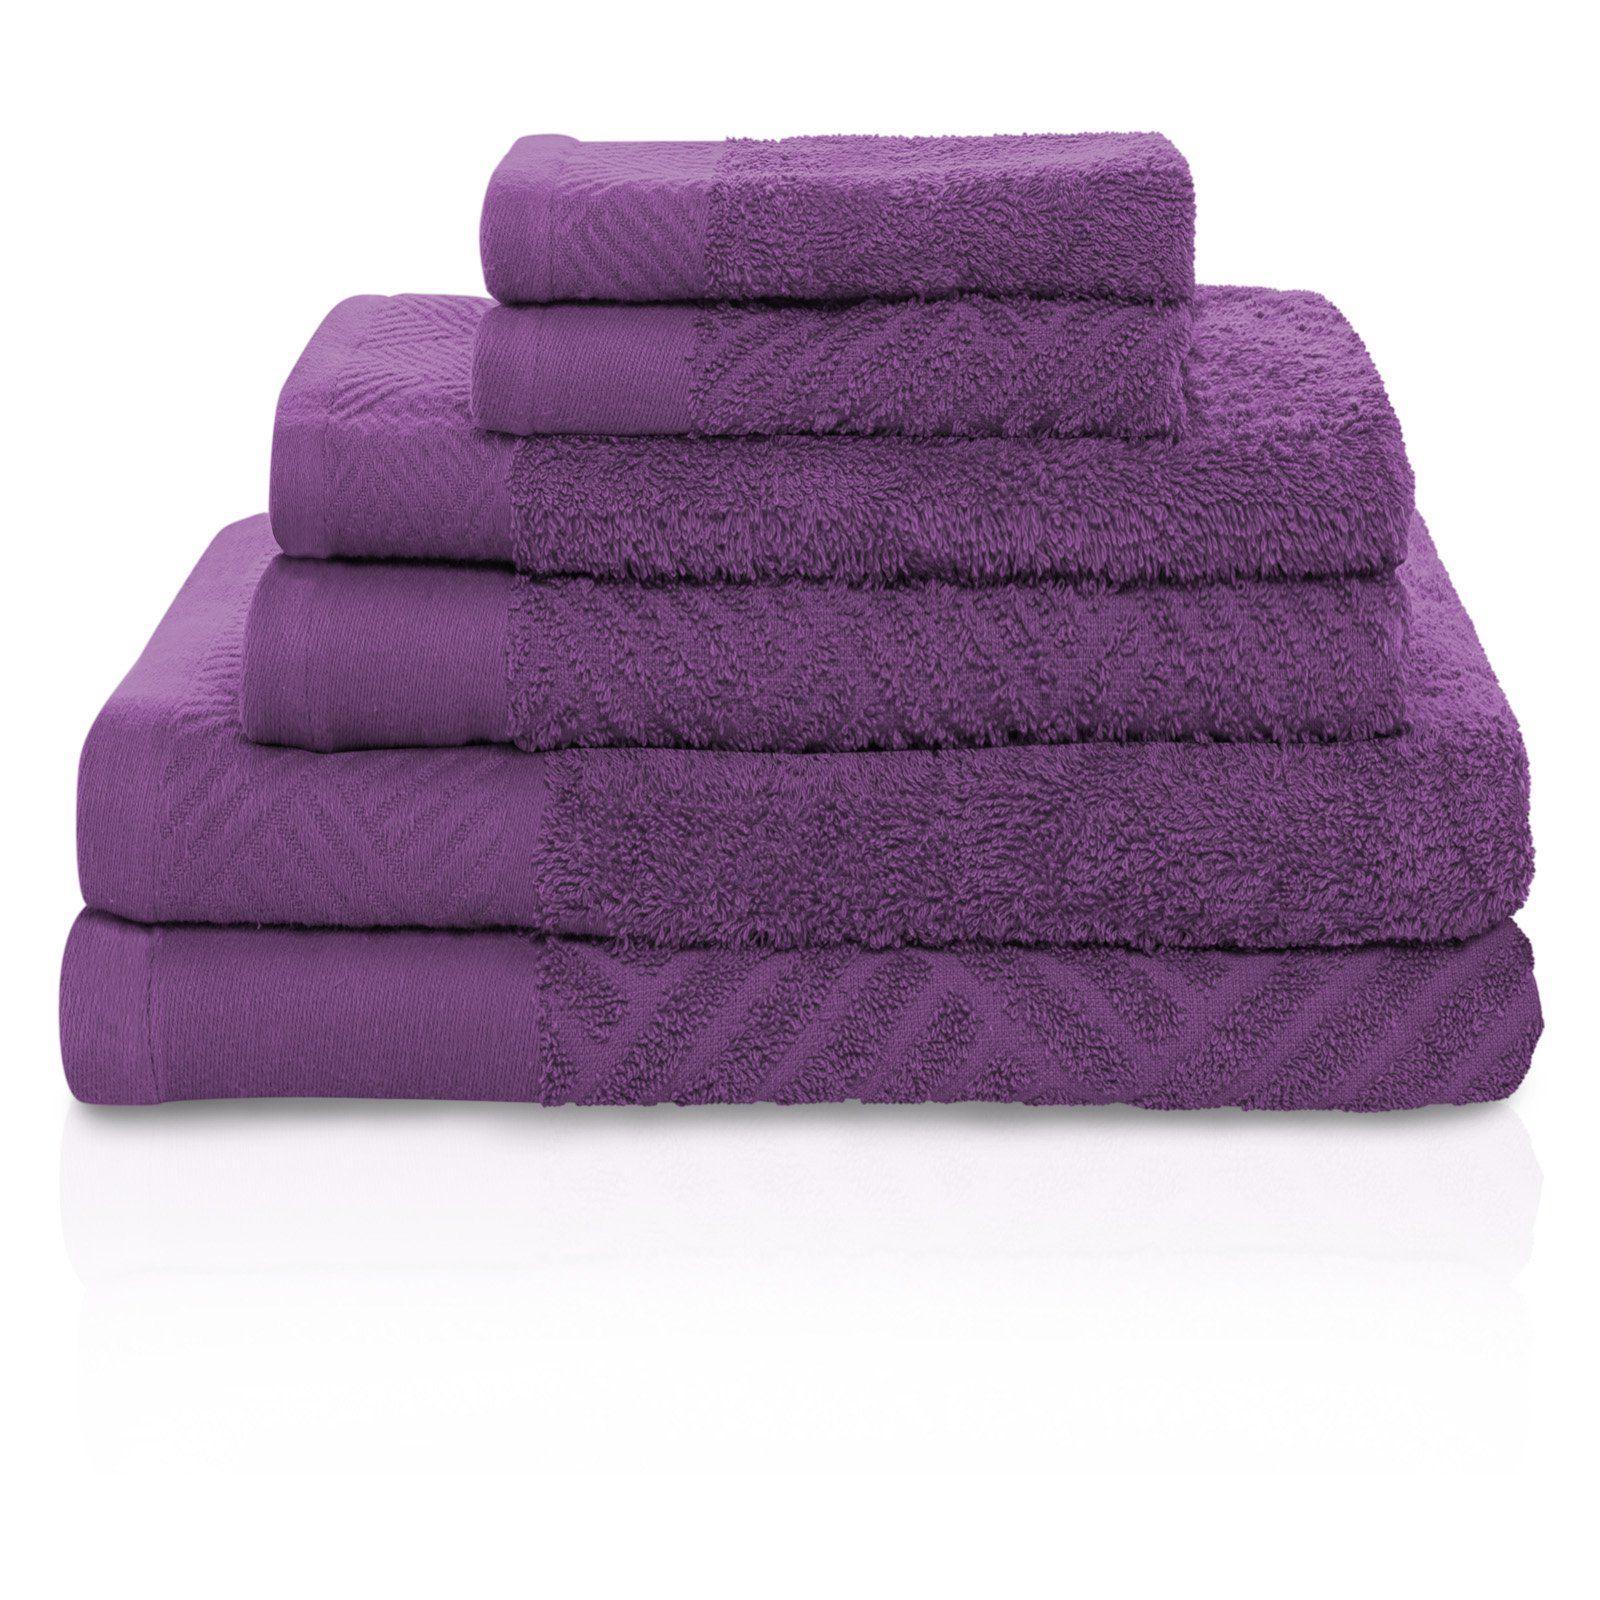 Superior Basket Weave Egyptian Cotton 6 Piece Towel Set Purple Bathroom Rug Towel Set Purple Towels [ 1600 x 1600 Pixel ]